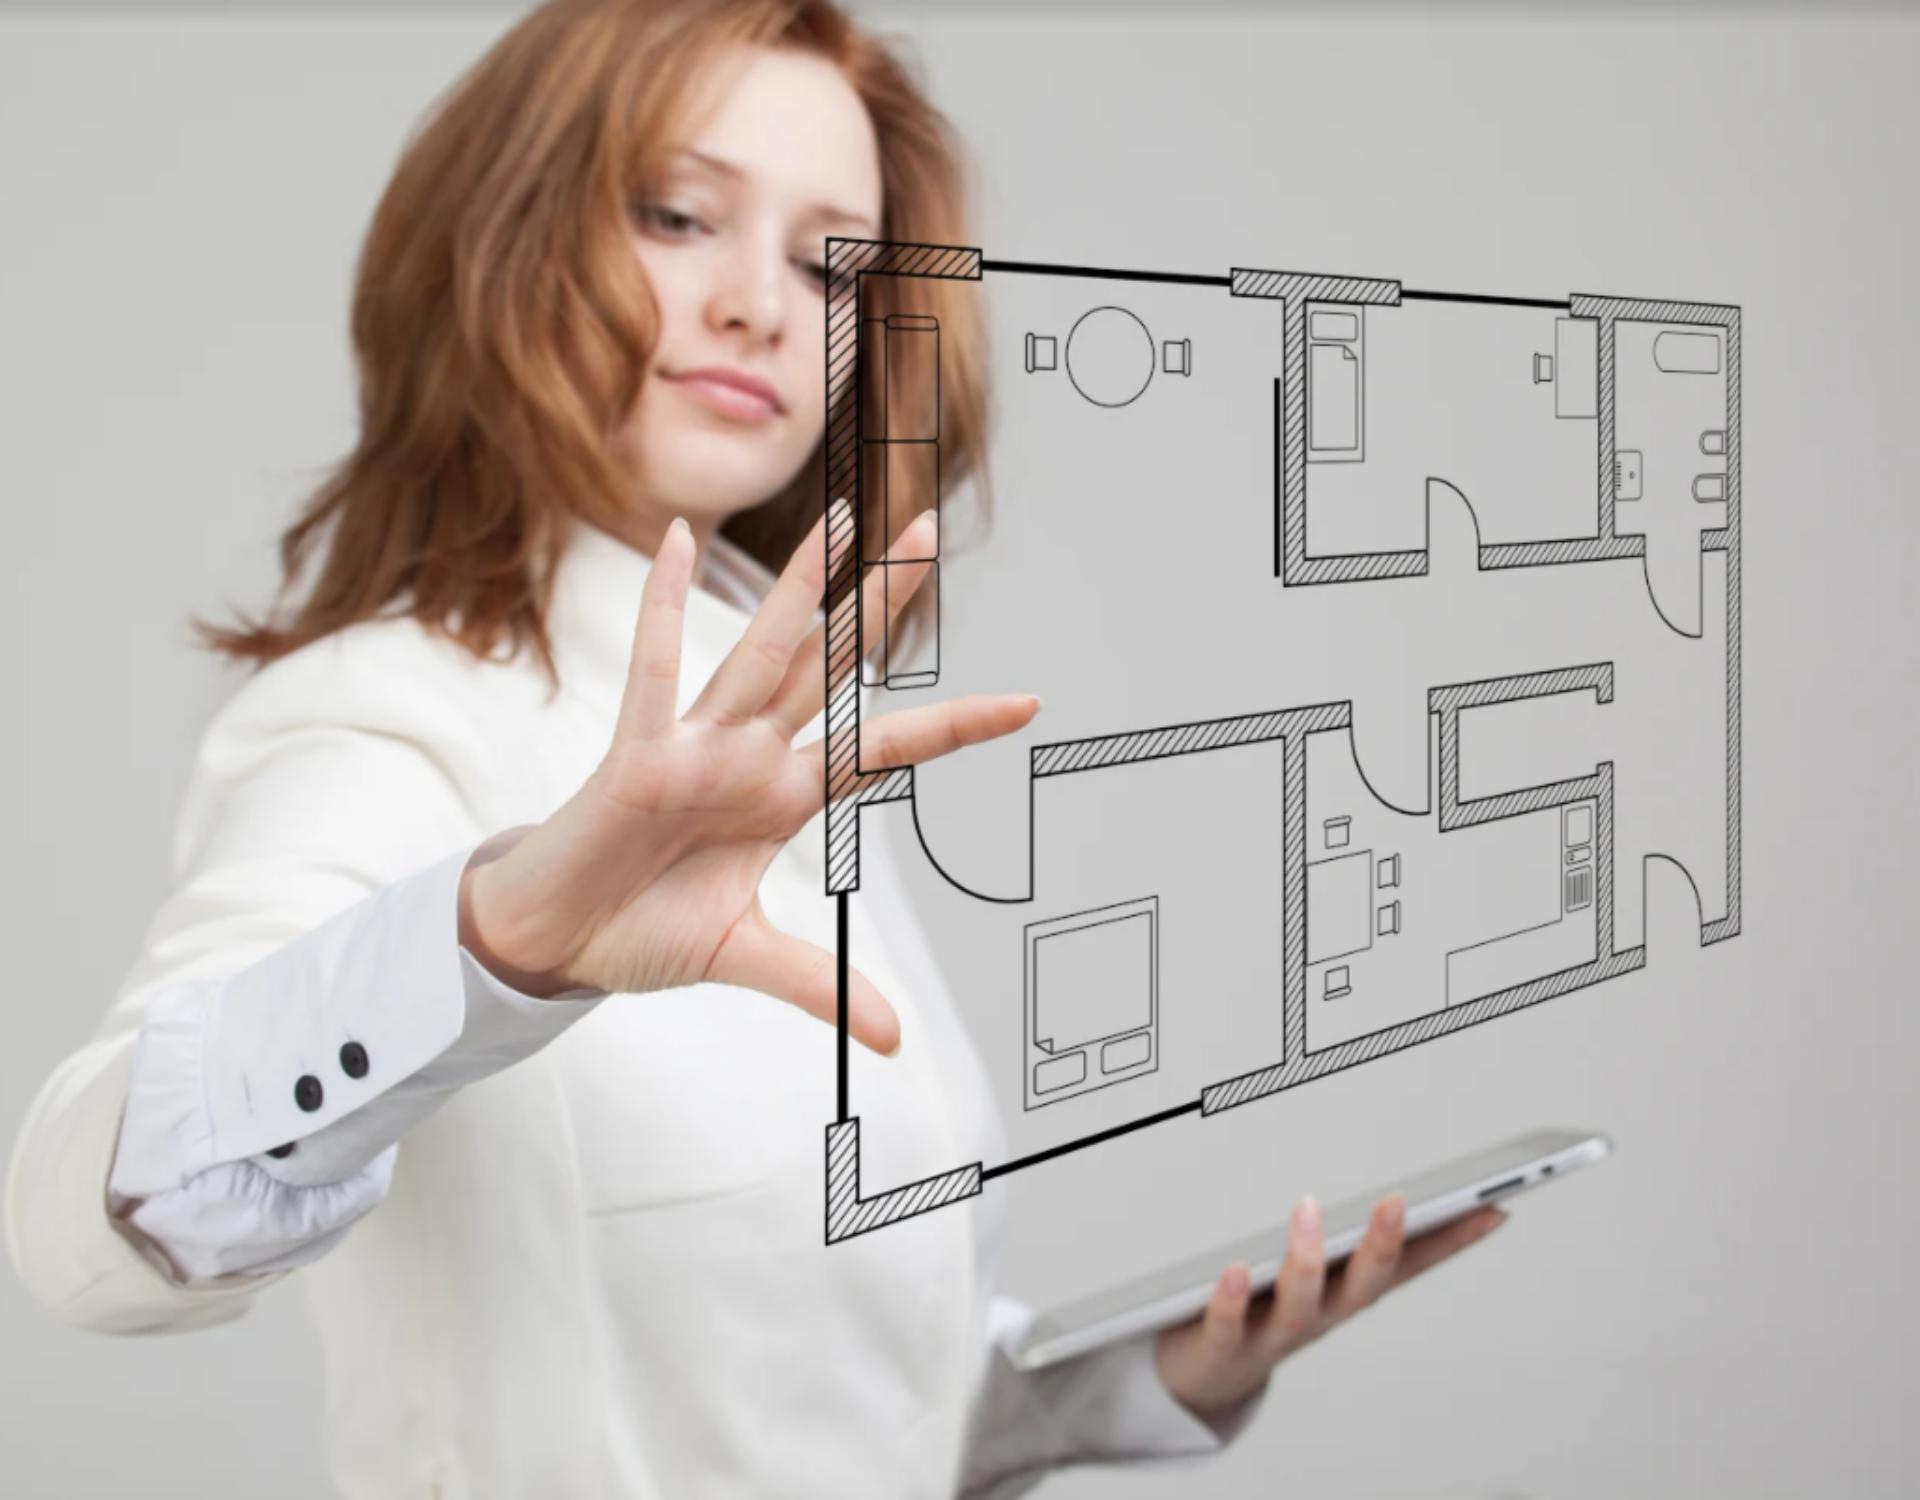 hs-arquitetura-tecnologia-arquitetura